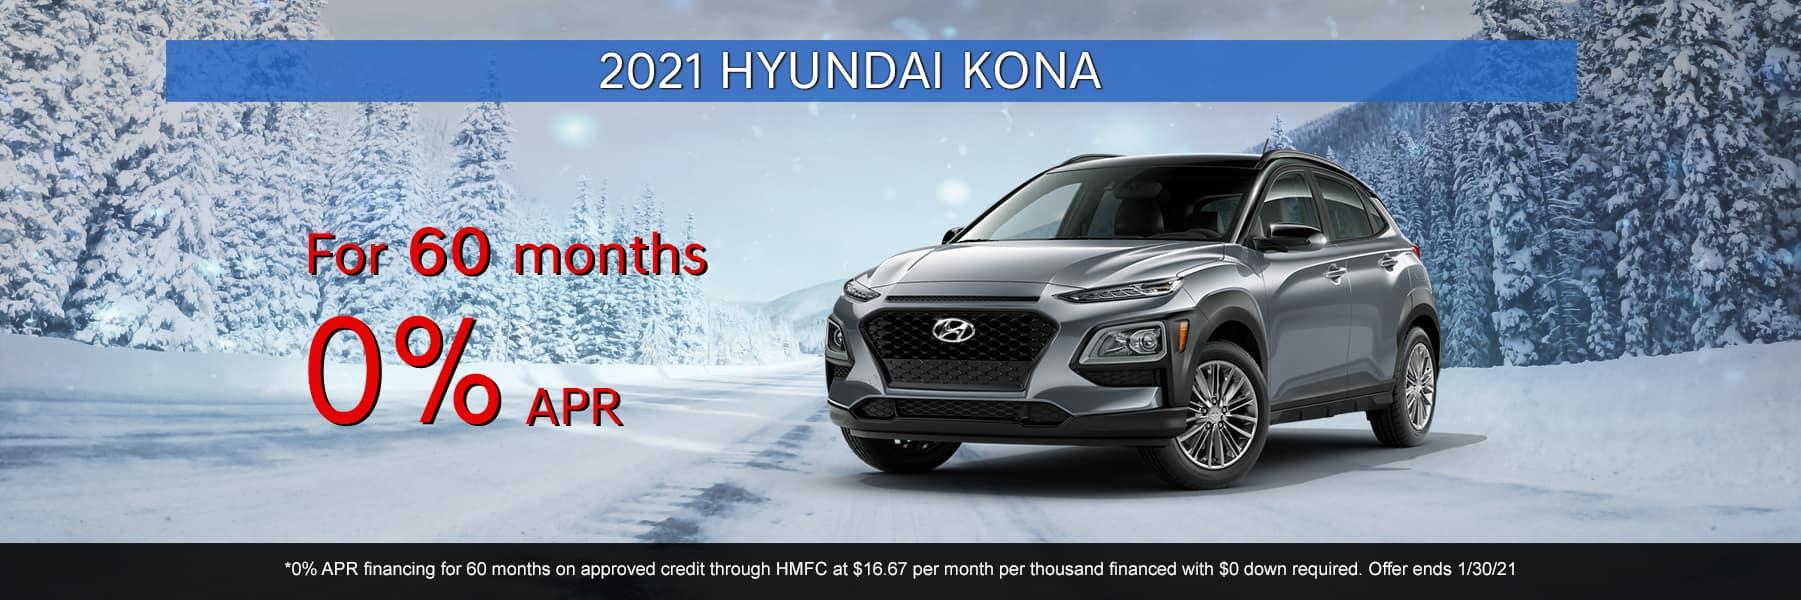 2021-Hyundai-Kona-Jan21